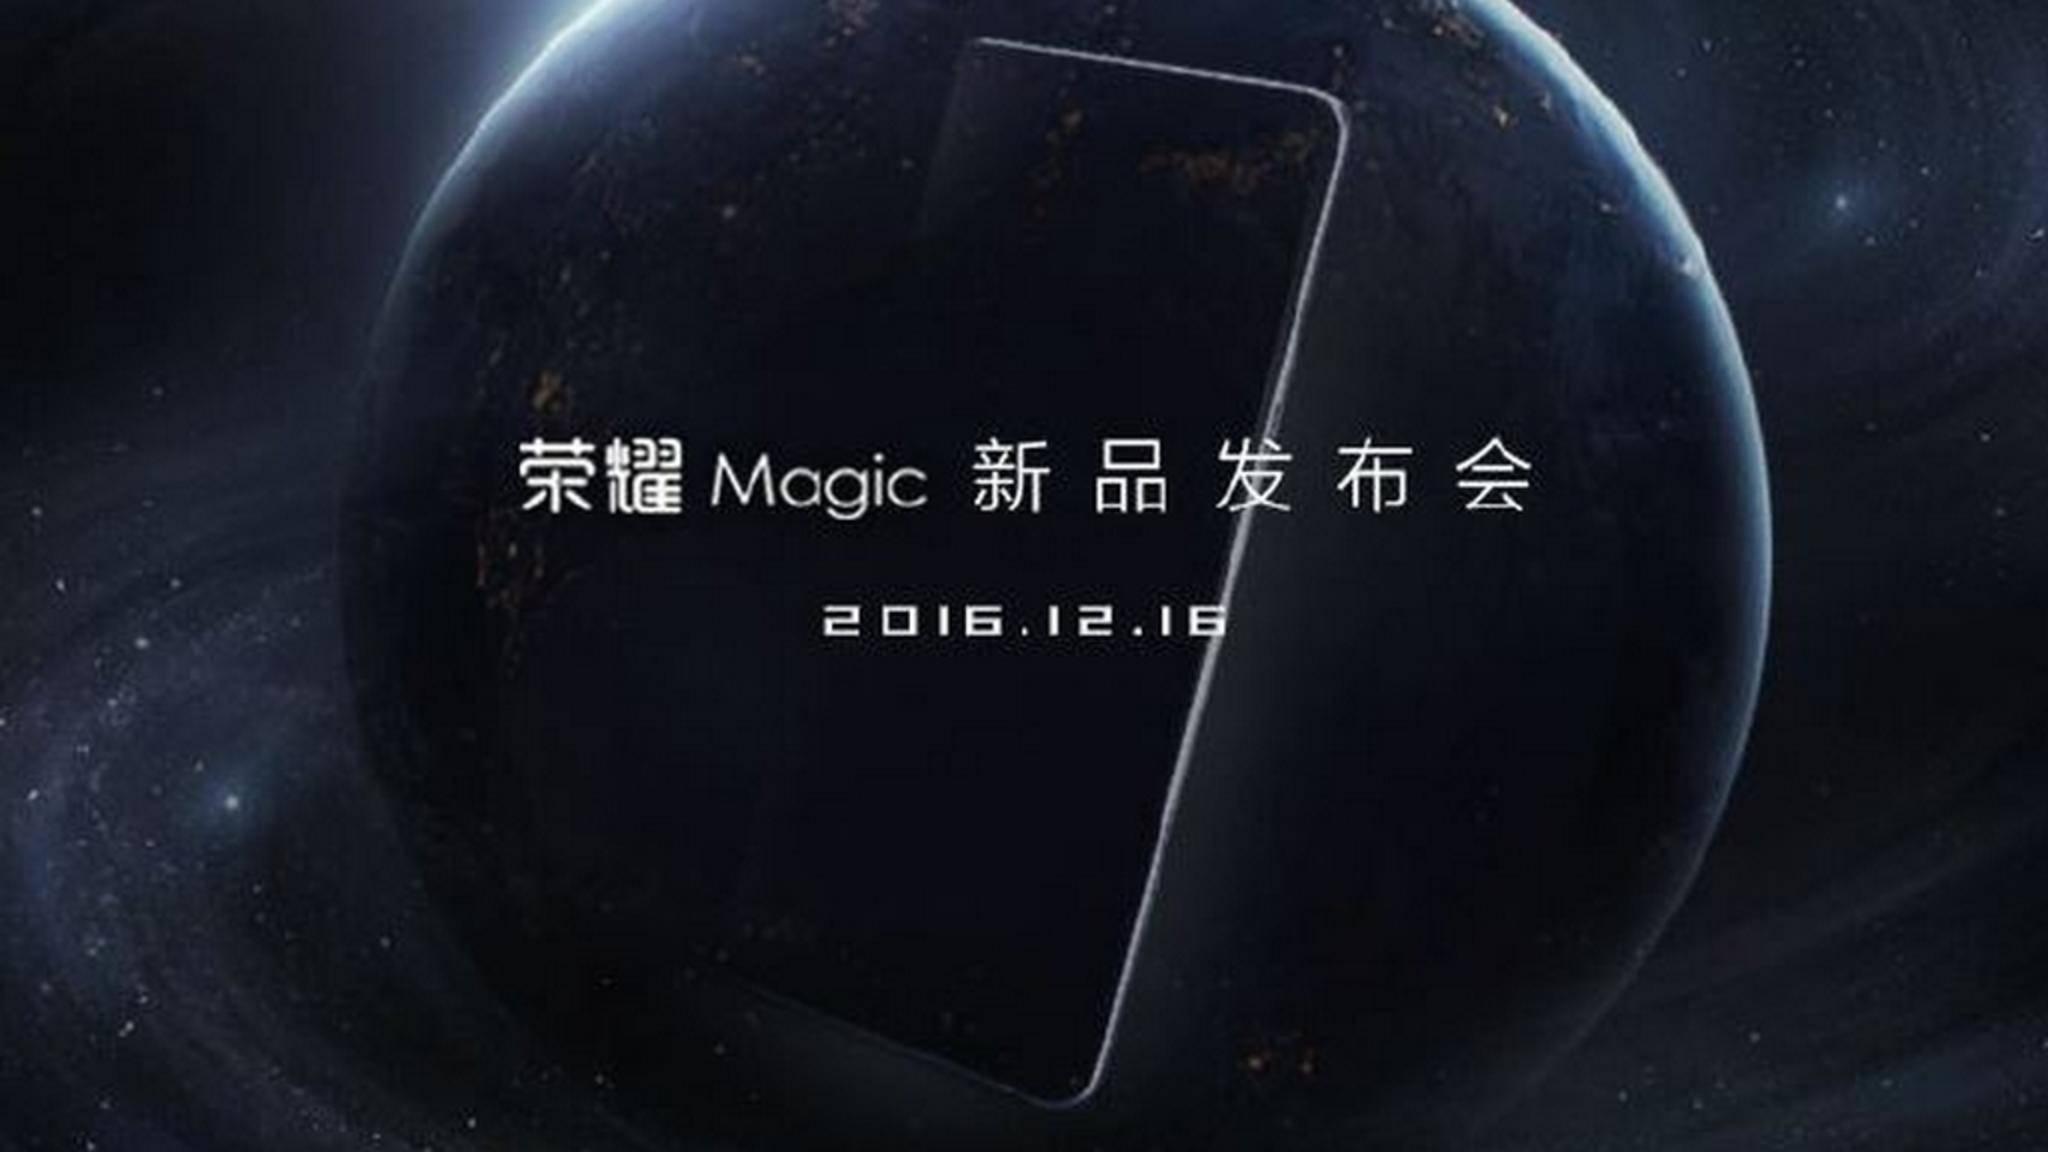 Das nahezu randlose Honor Magic wurde für den 16. Dezember angekündigt.